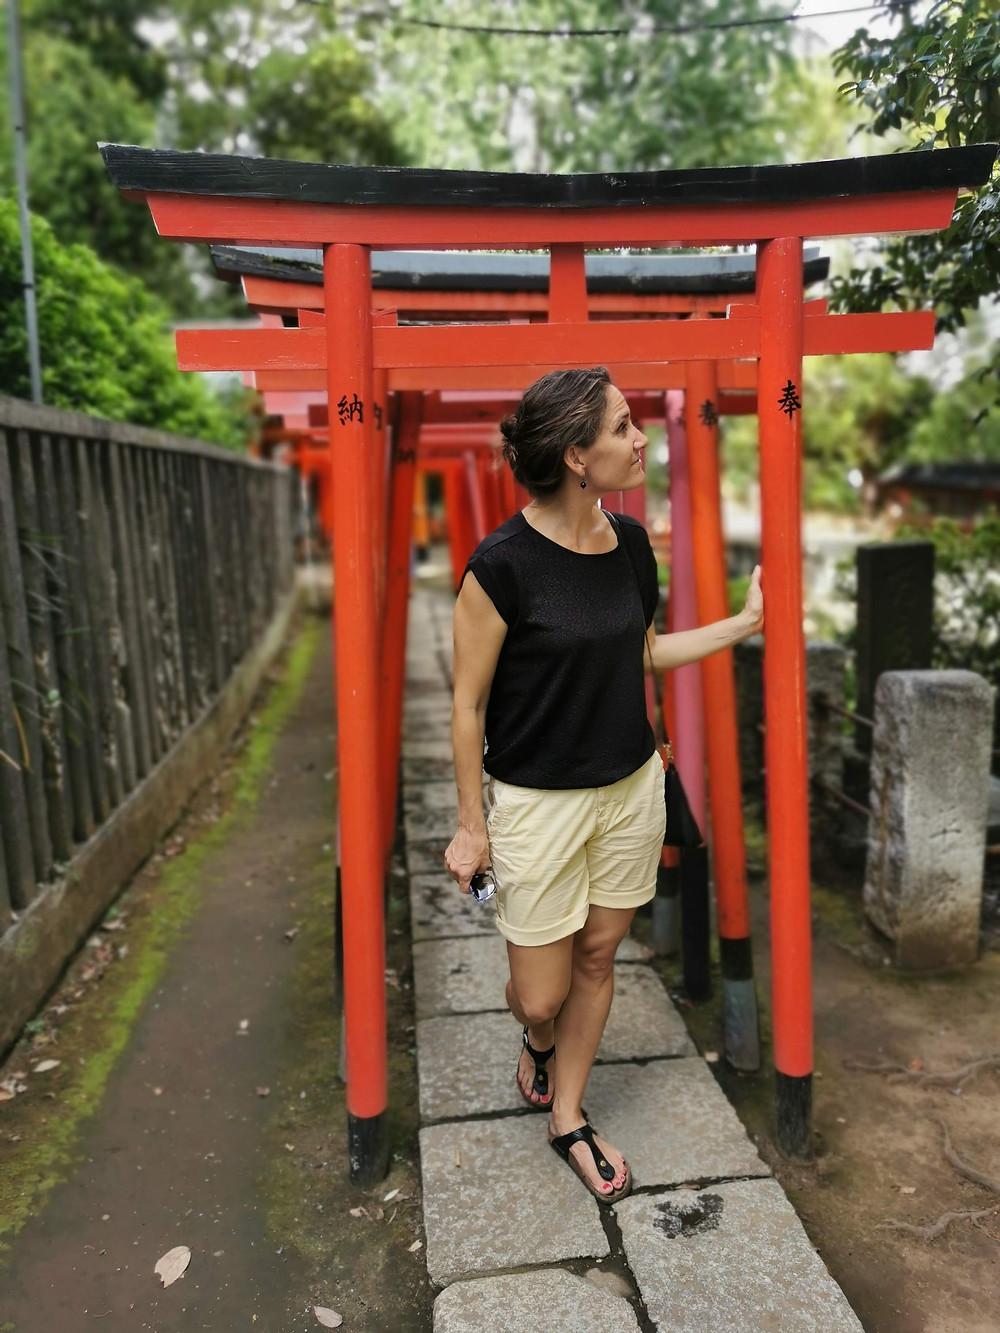 The beautiful Torii gates at the Nezu shrine. A true hidden gem